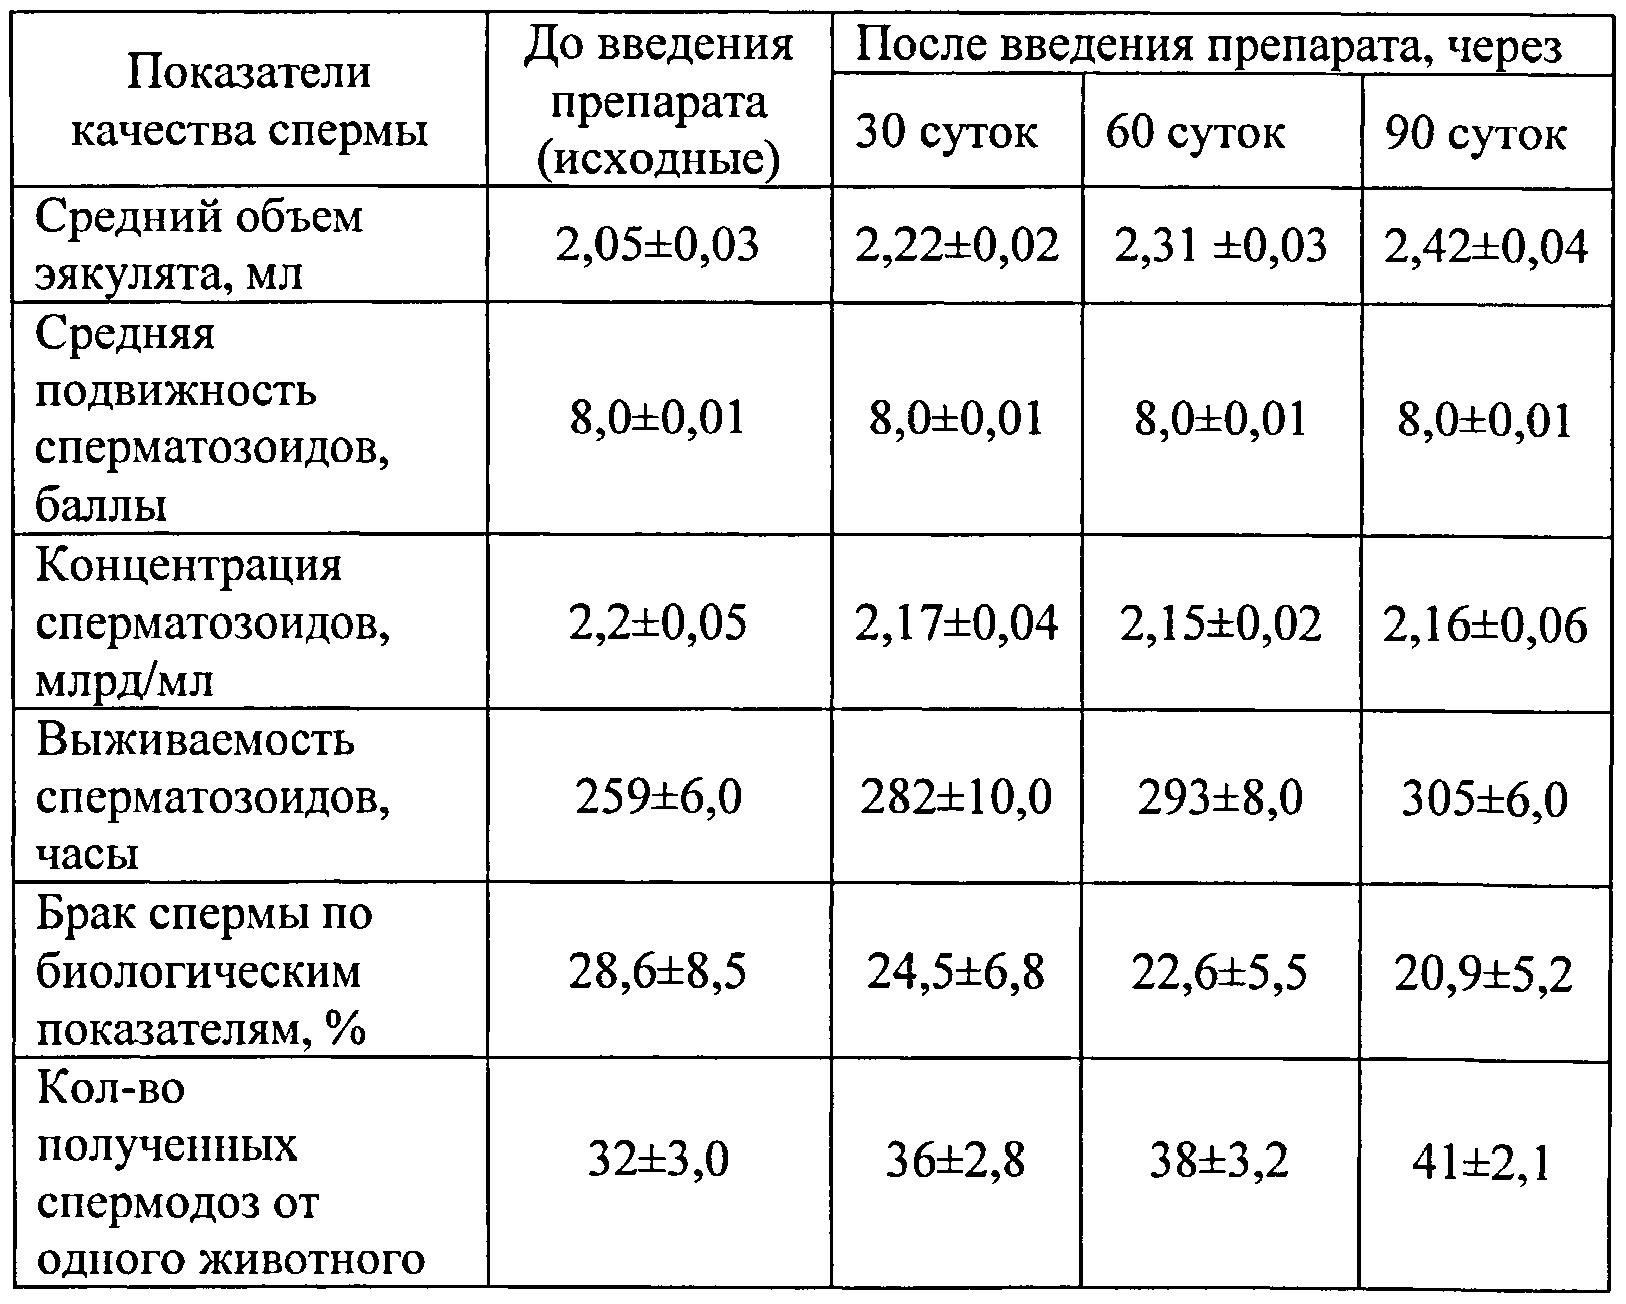 chem-uvelichit-kolichestvo-spermatozoidov